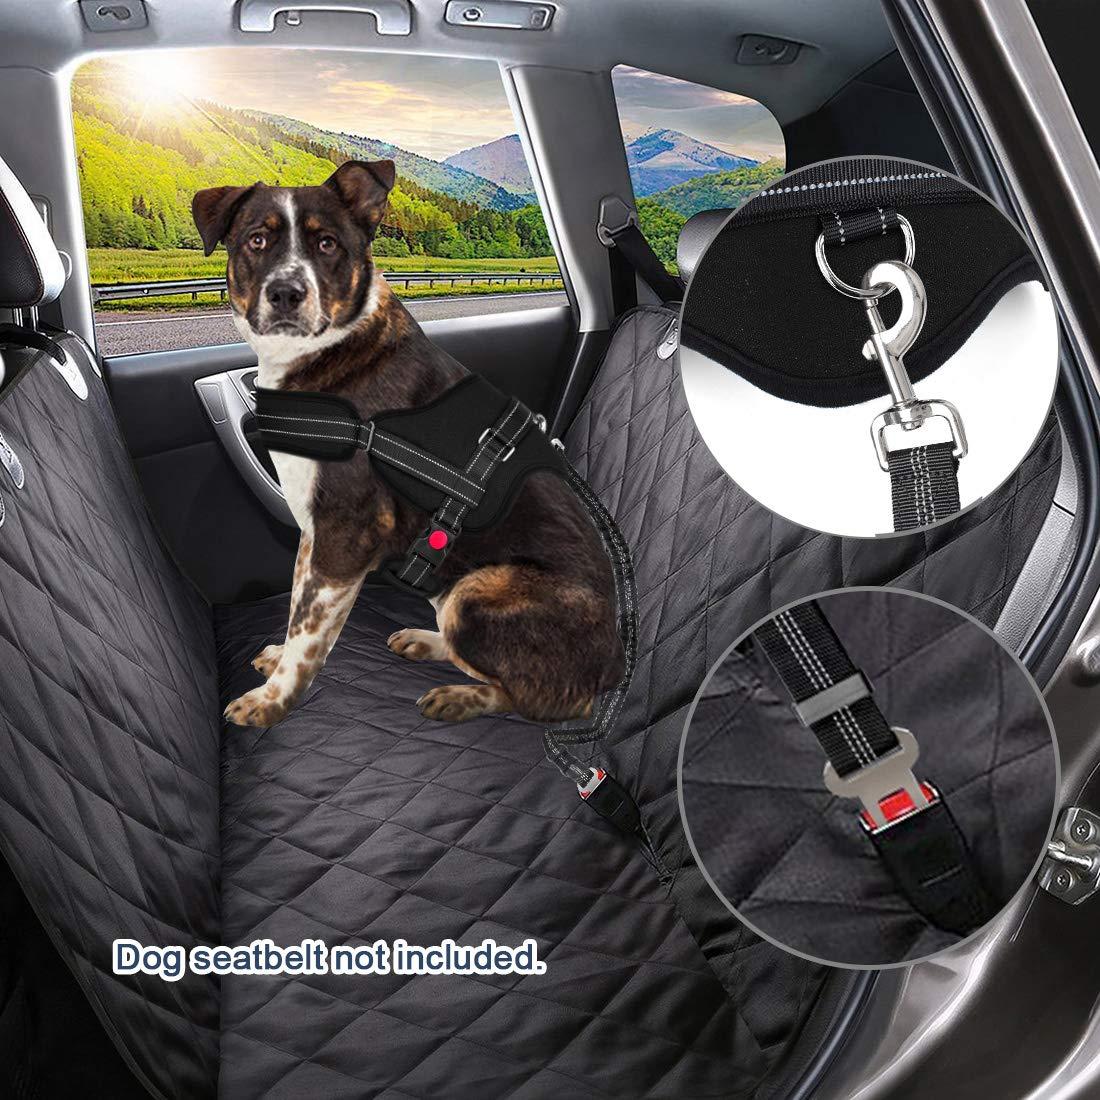 SlowTon Sin tirones Arn/és de Perro Suave Malla Acolchada Ajustable F/ácil de Poner y Quitar el arn/és con Hebilla de Bloqueo para Perros Grande Mascotas XL